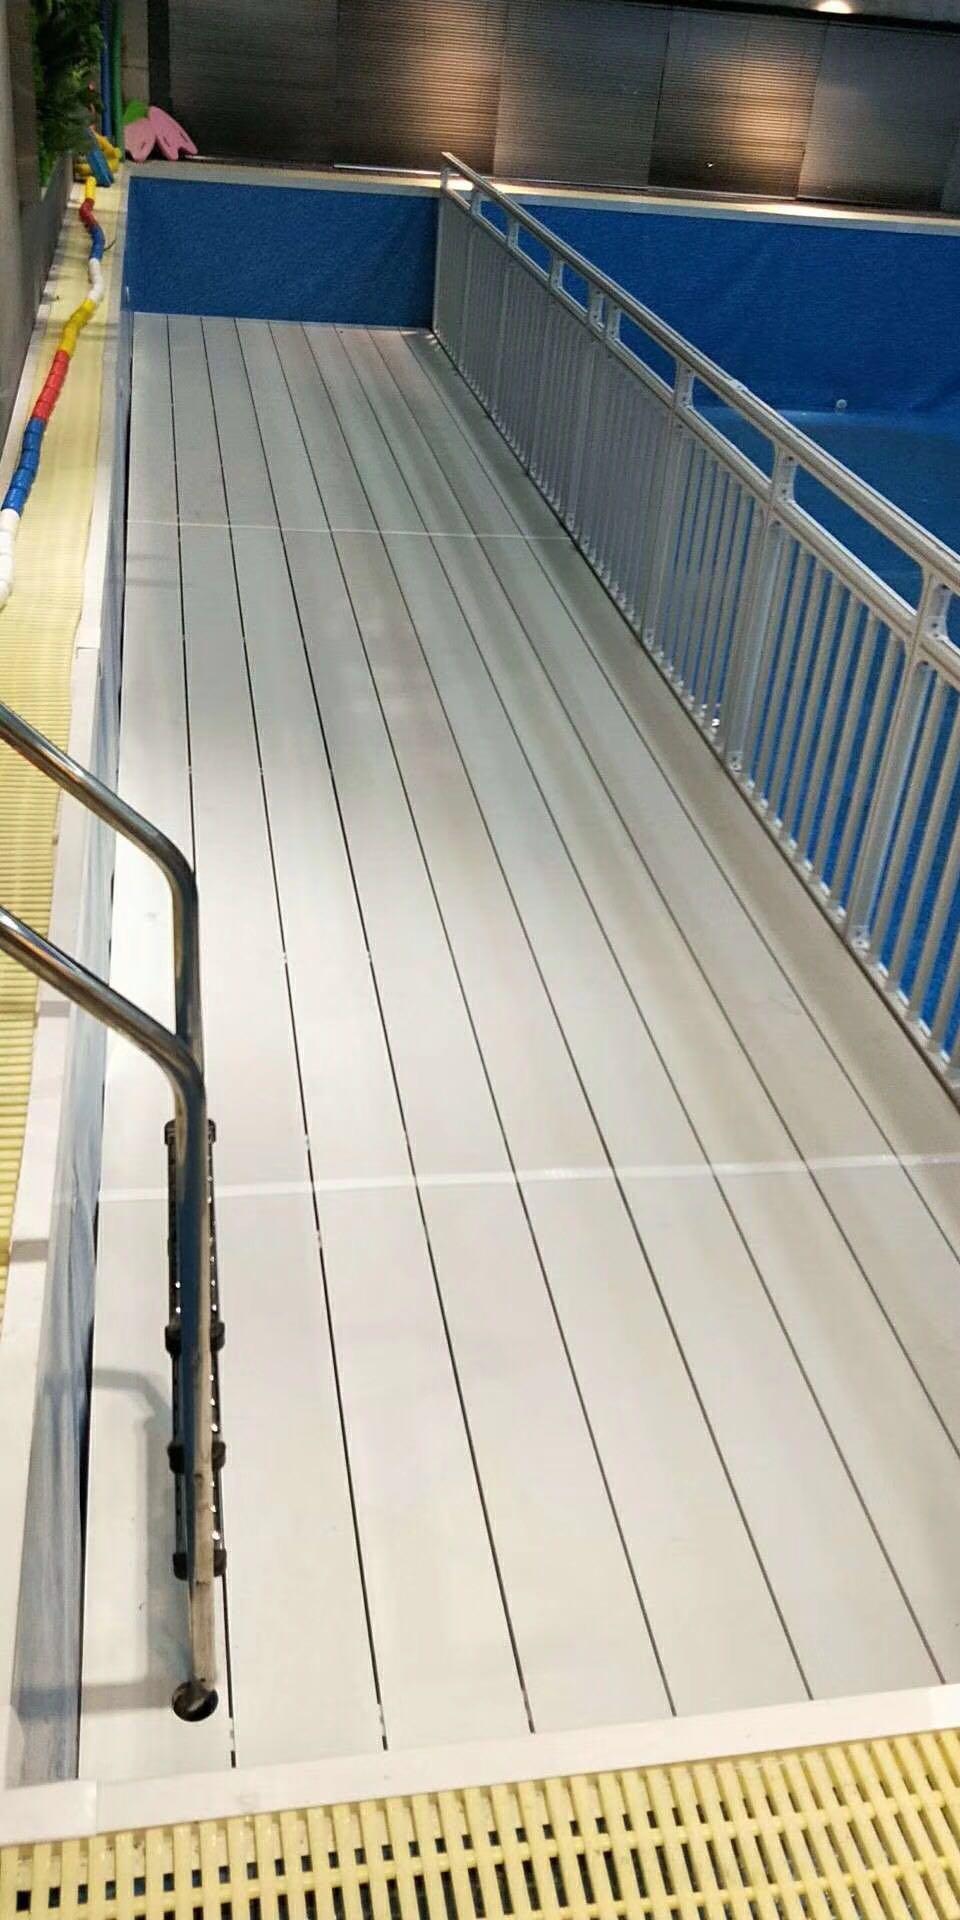 广州同和恒温泳池健身俱乐部泳池垫层带护栏平整垫案例